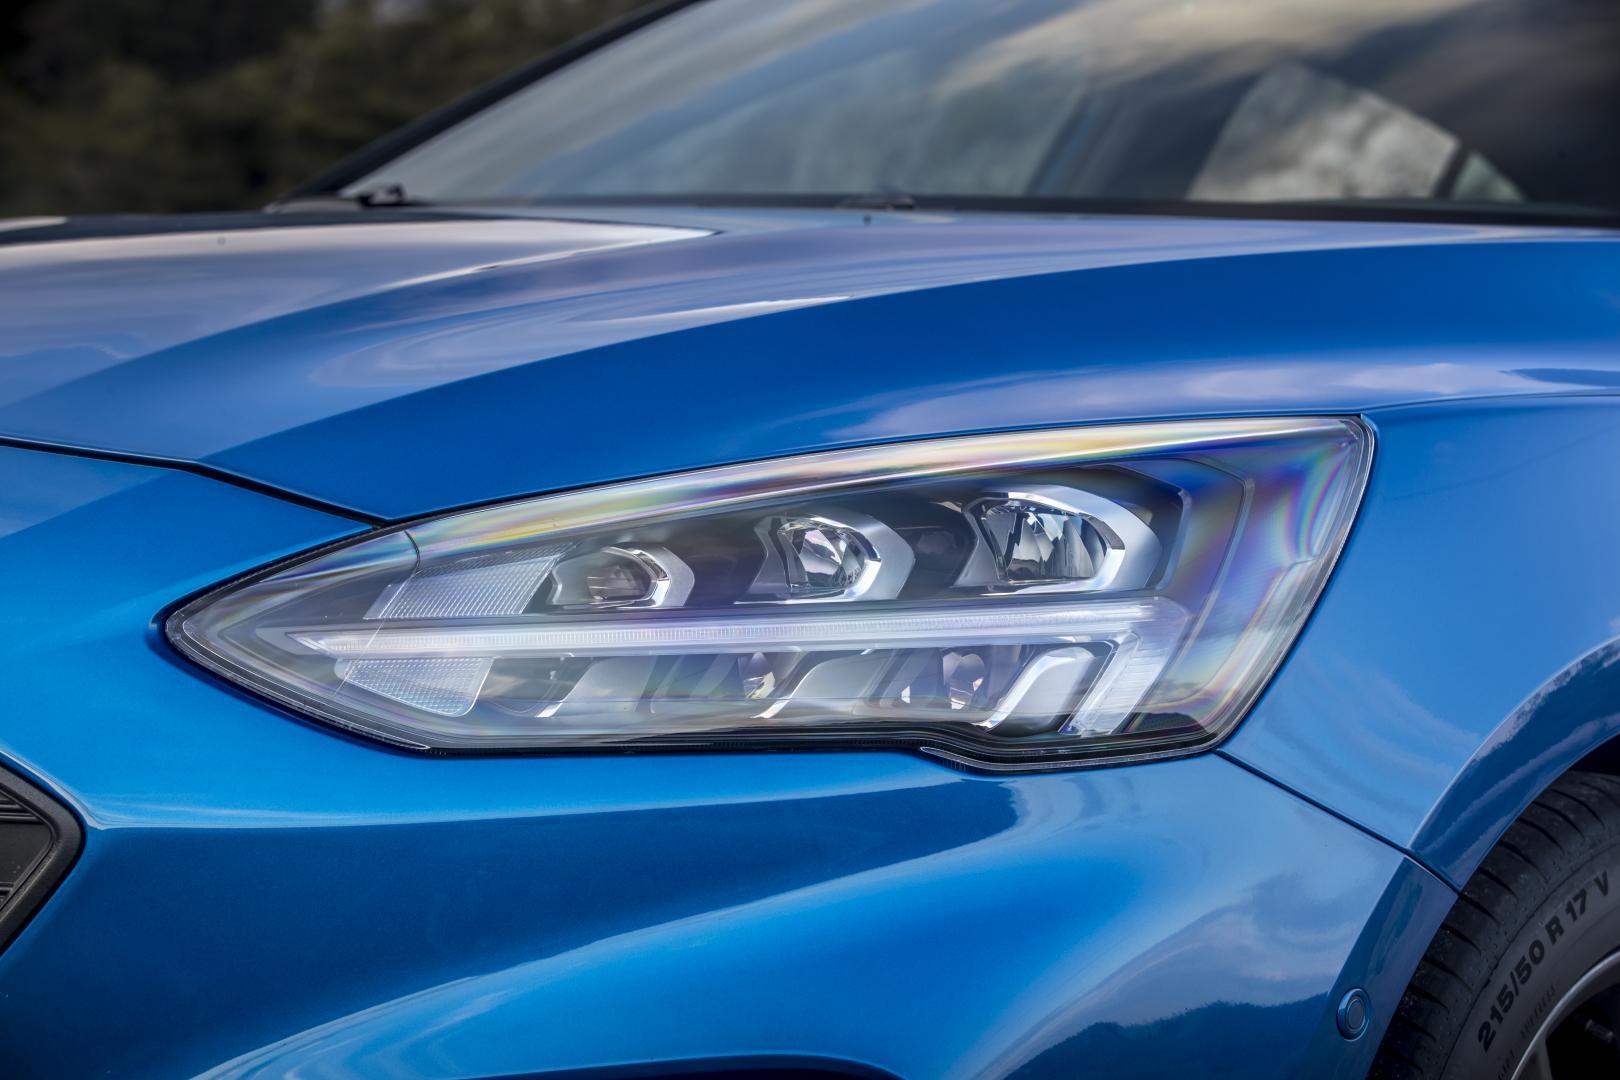 Led Verlichting Auto Mag Dat.Duitse Flitspalen Snappen Niets Van Ledverlichting Topgear